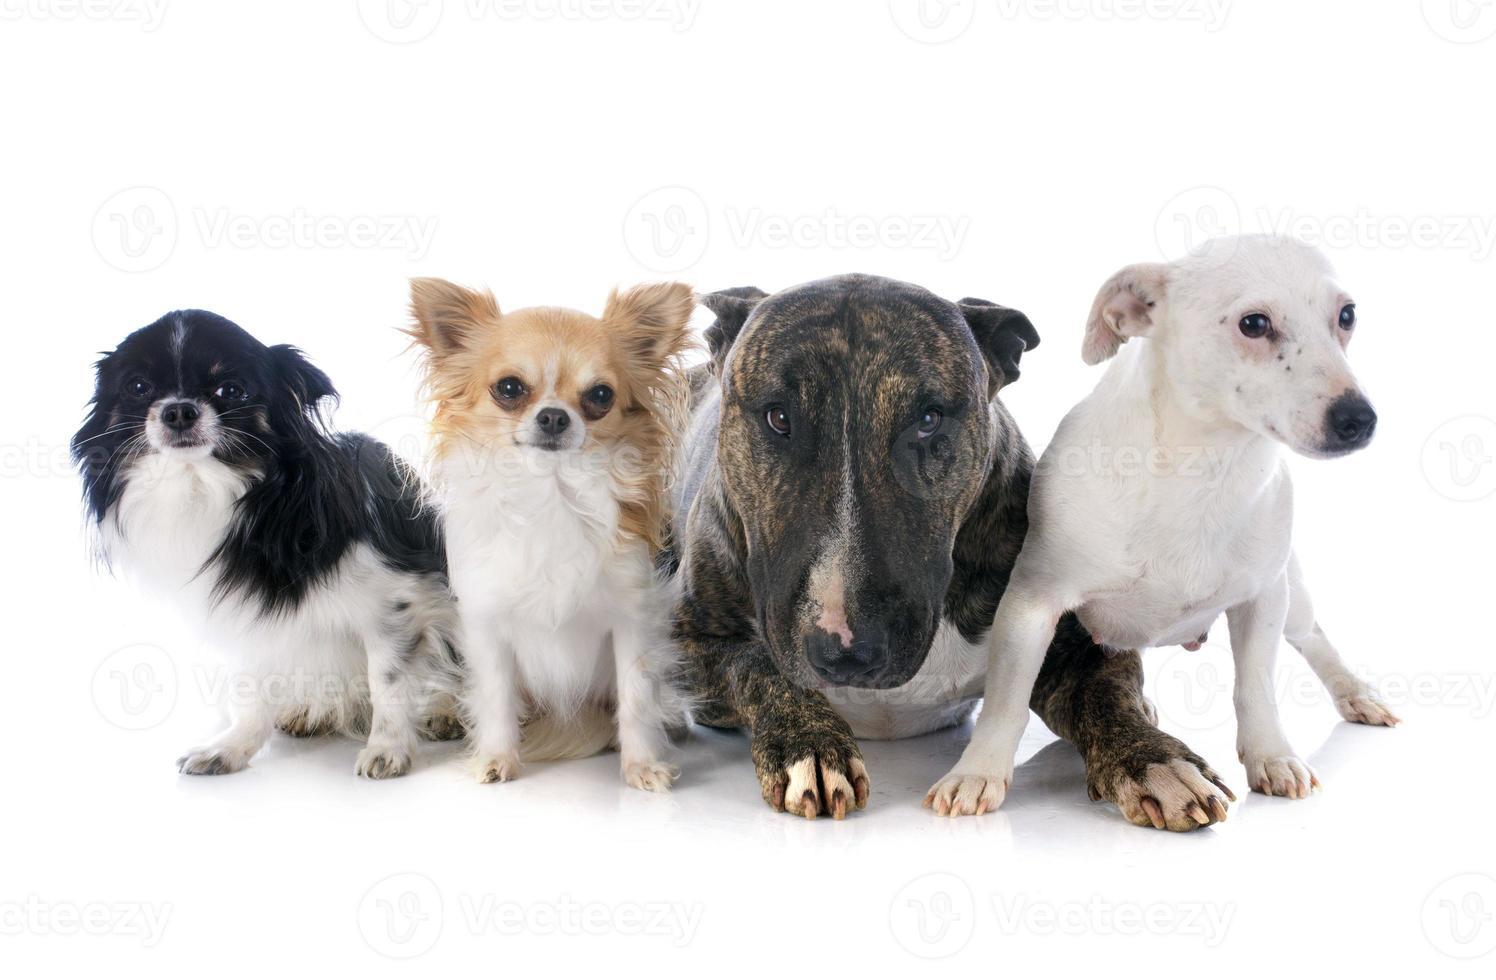 quattro cani foto